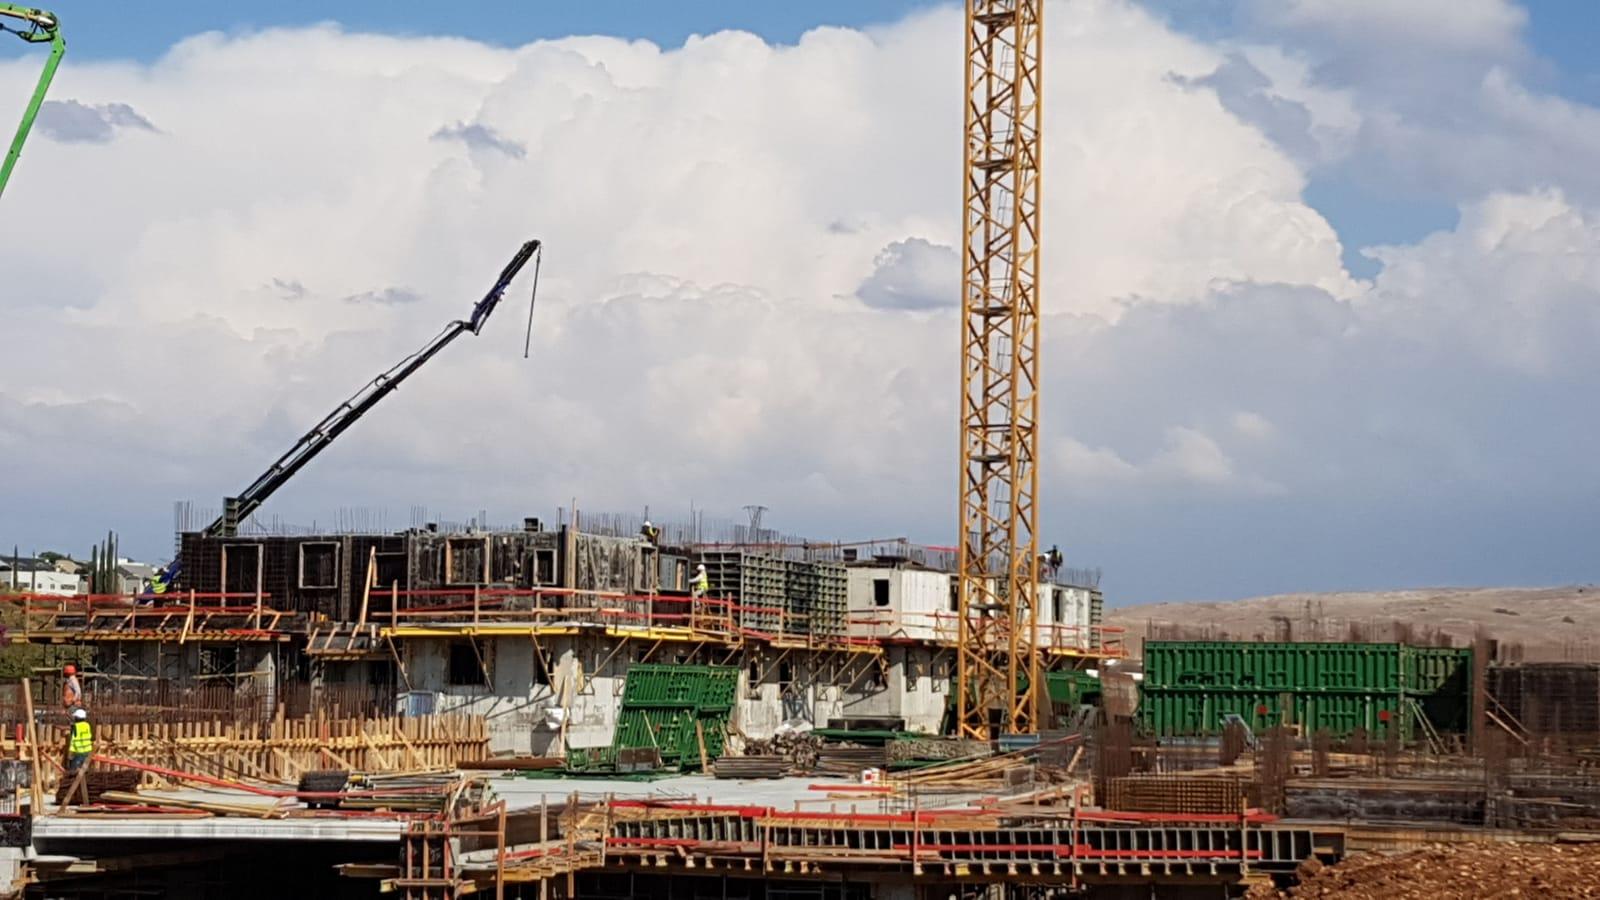 בעיצומם של עבודות שלד (קומה 2) בשלב א' ועבודות שלד מרתף בשלב ב' 25.10.2019